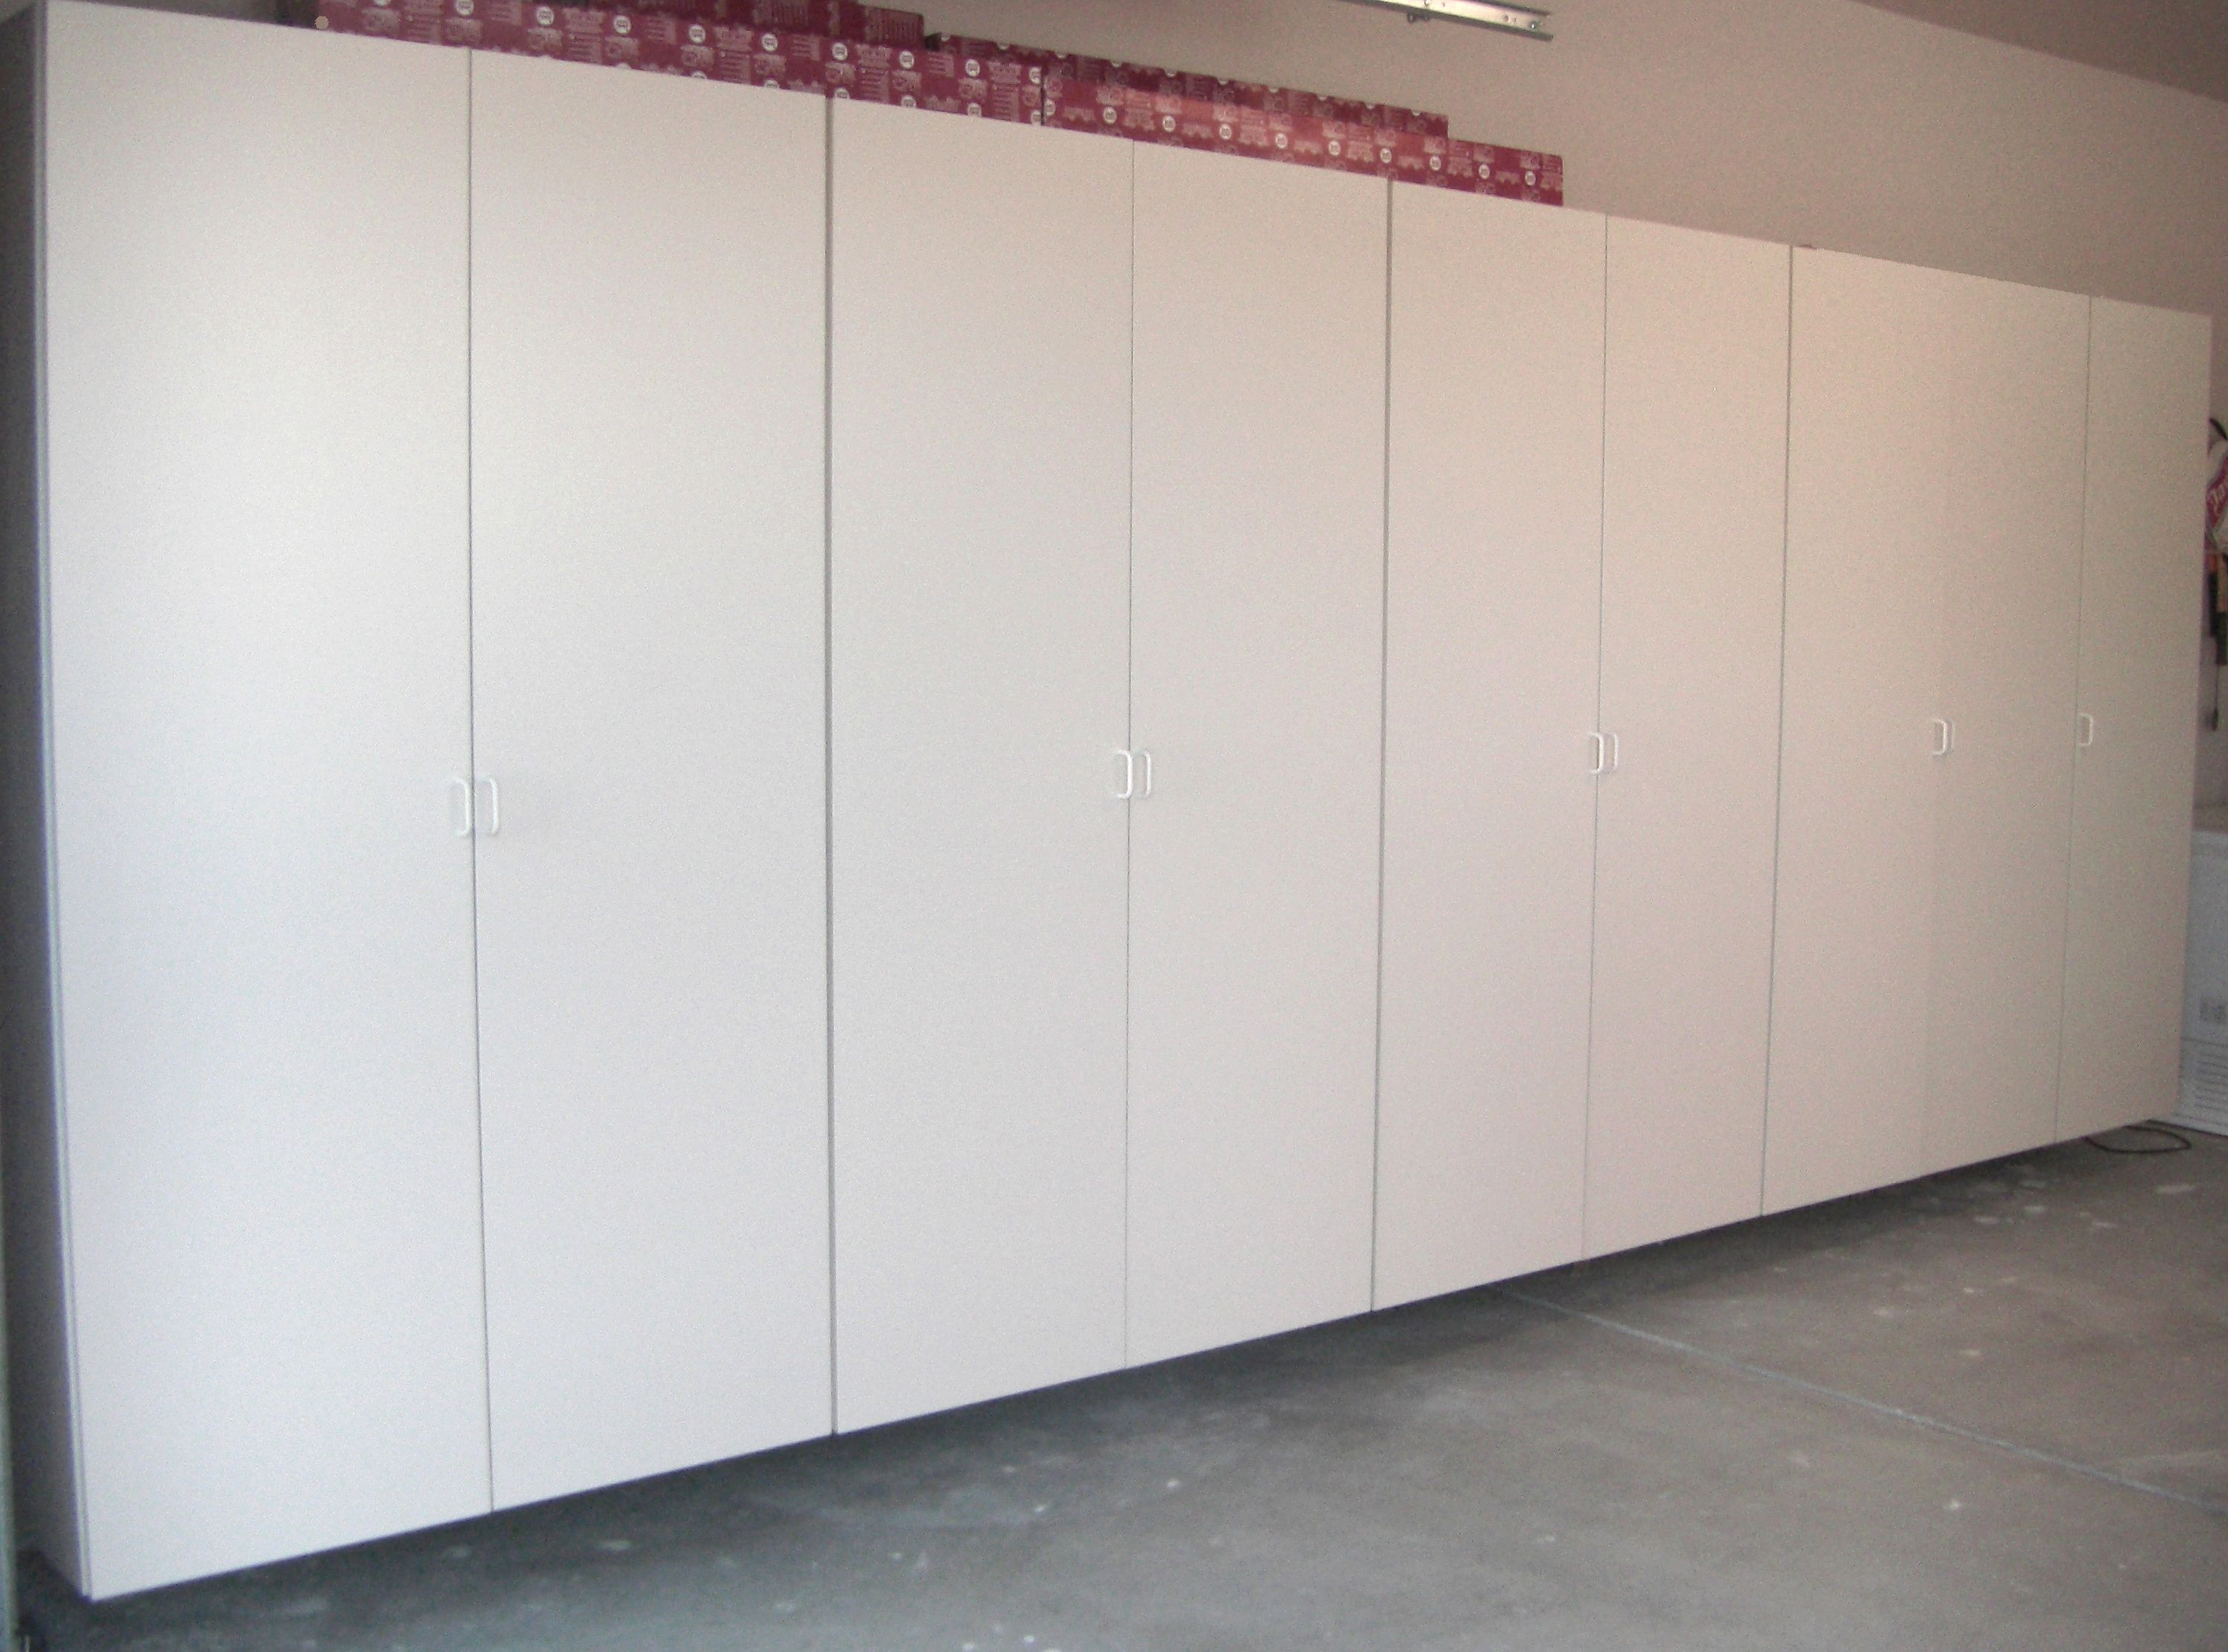 16 Ft White Garage Cabinets Garage Cabinets Closetmaid Garage Storage Cabinets